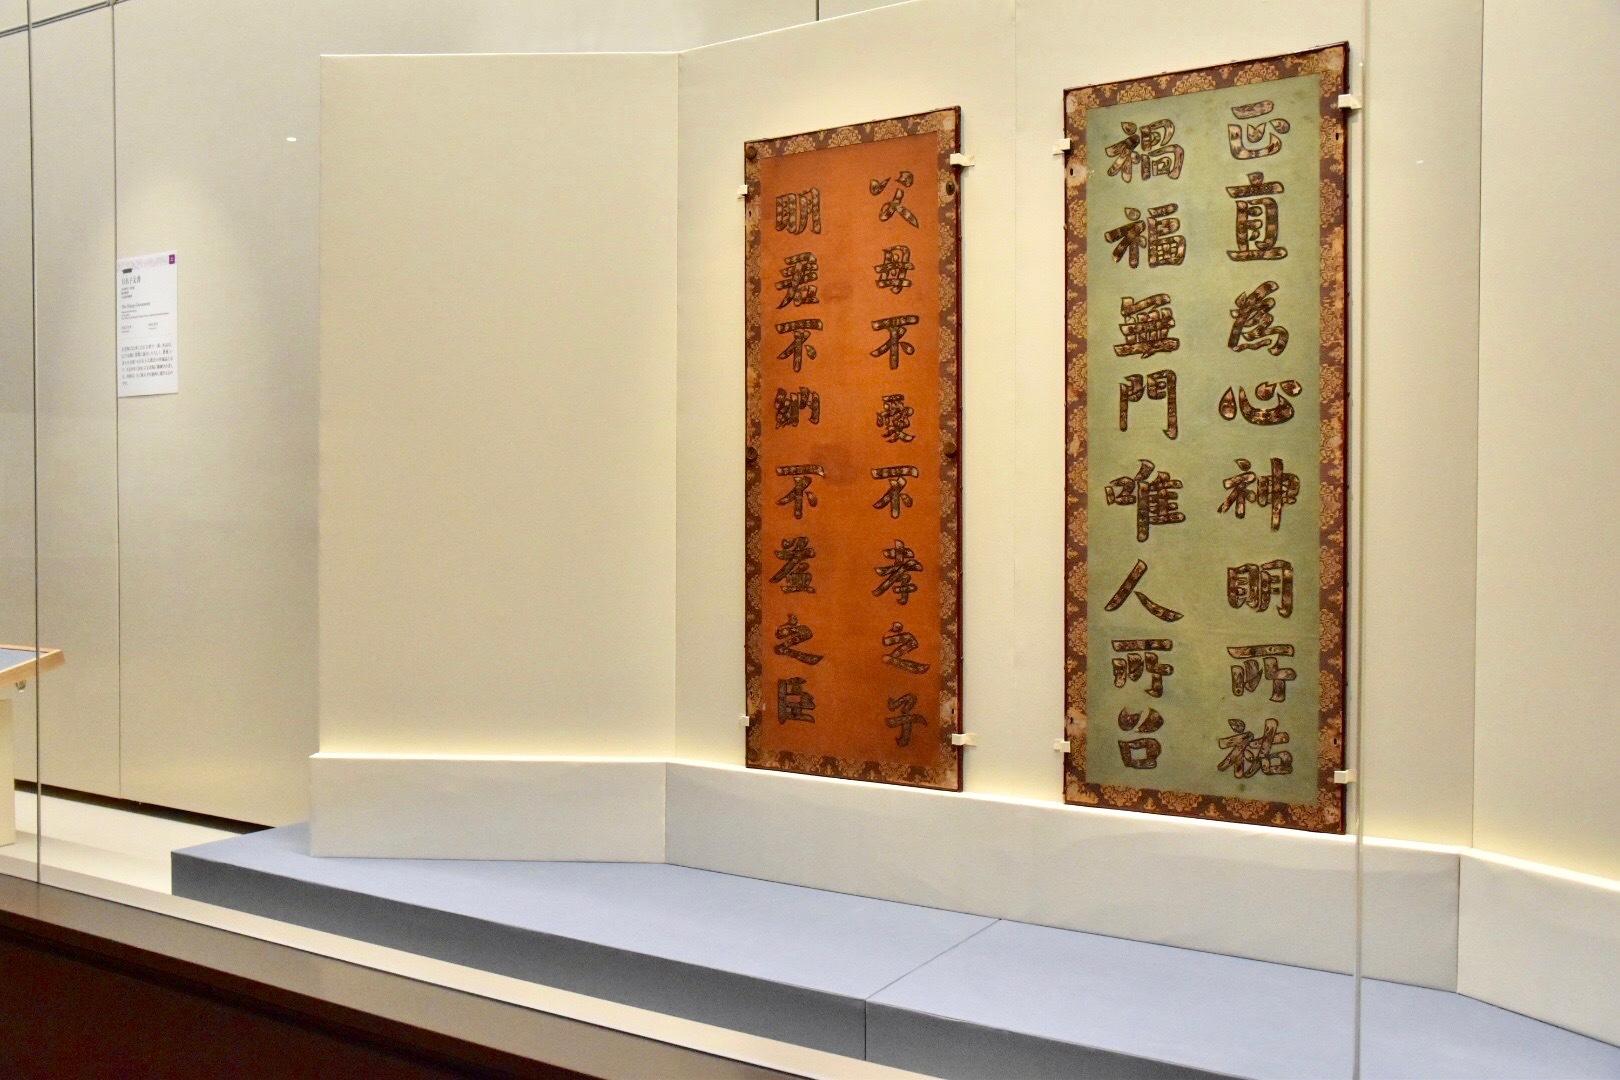 正倉院宝物《鳥毛帖成文書屏風》 奈良時代 8世紀 正倉院蔵 前期展示